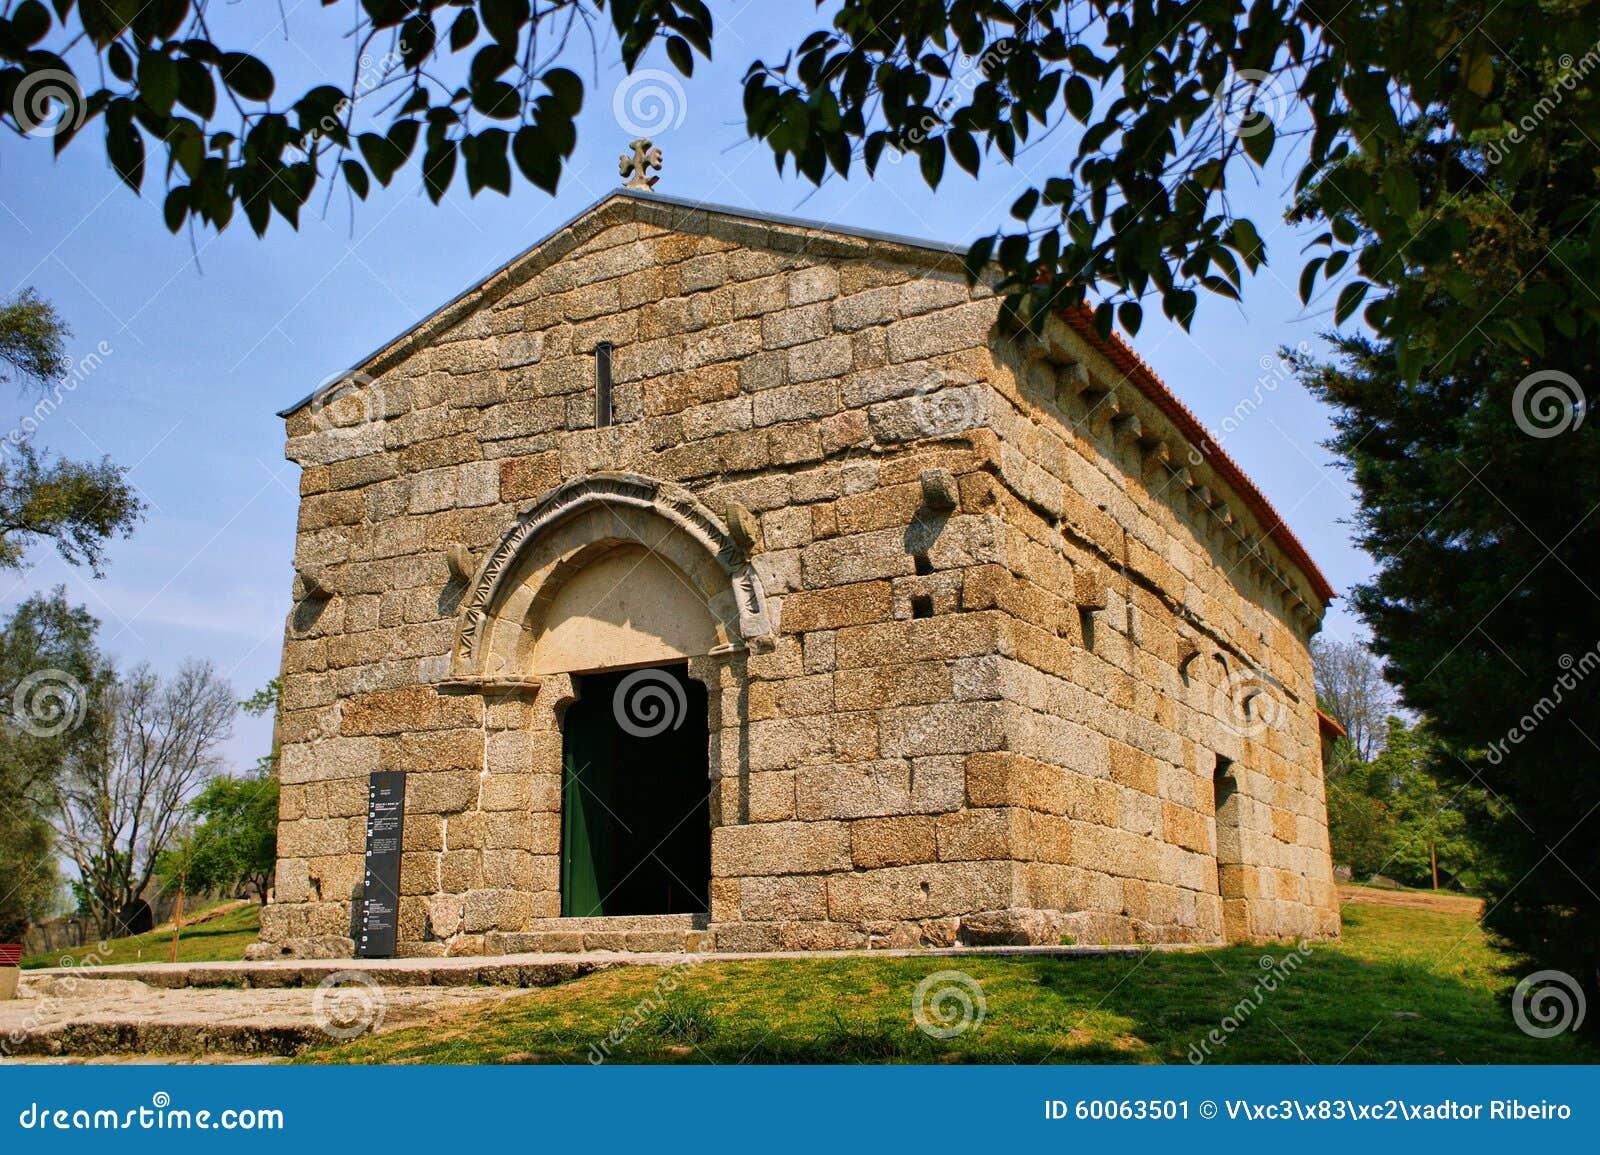 Romanesque Sao Miguel church